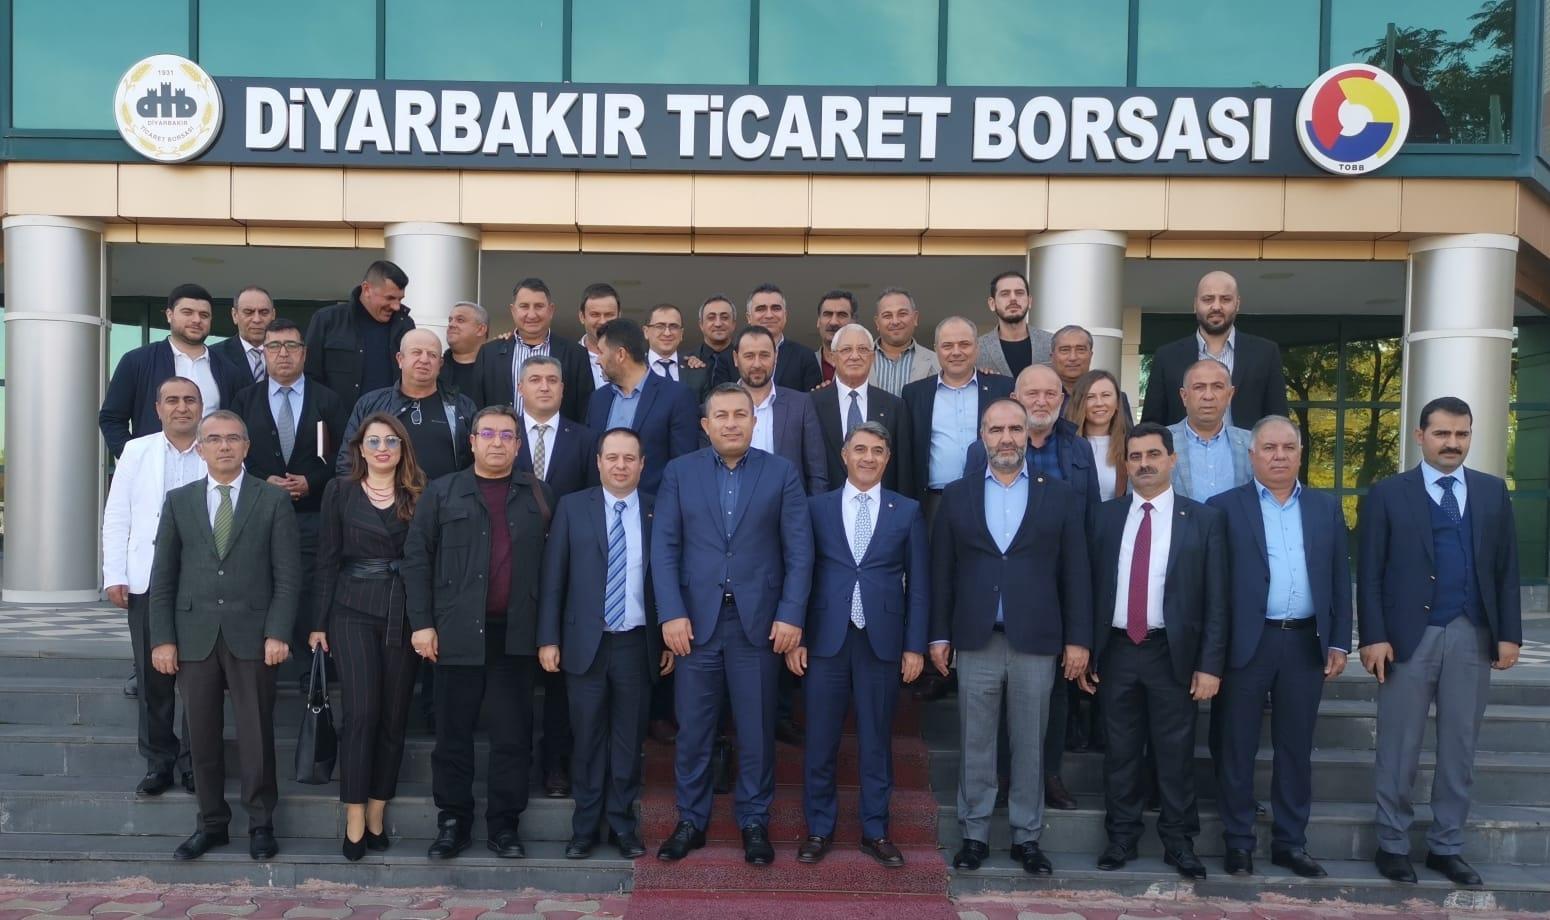 Çanakkale Ticaret Borsası heyeti Diyarbakır'da